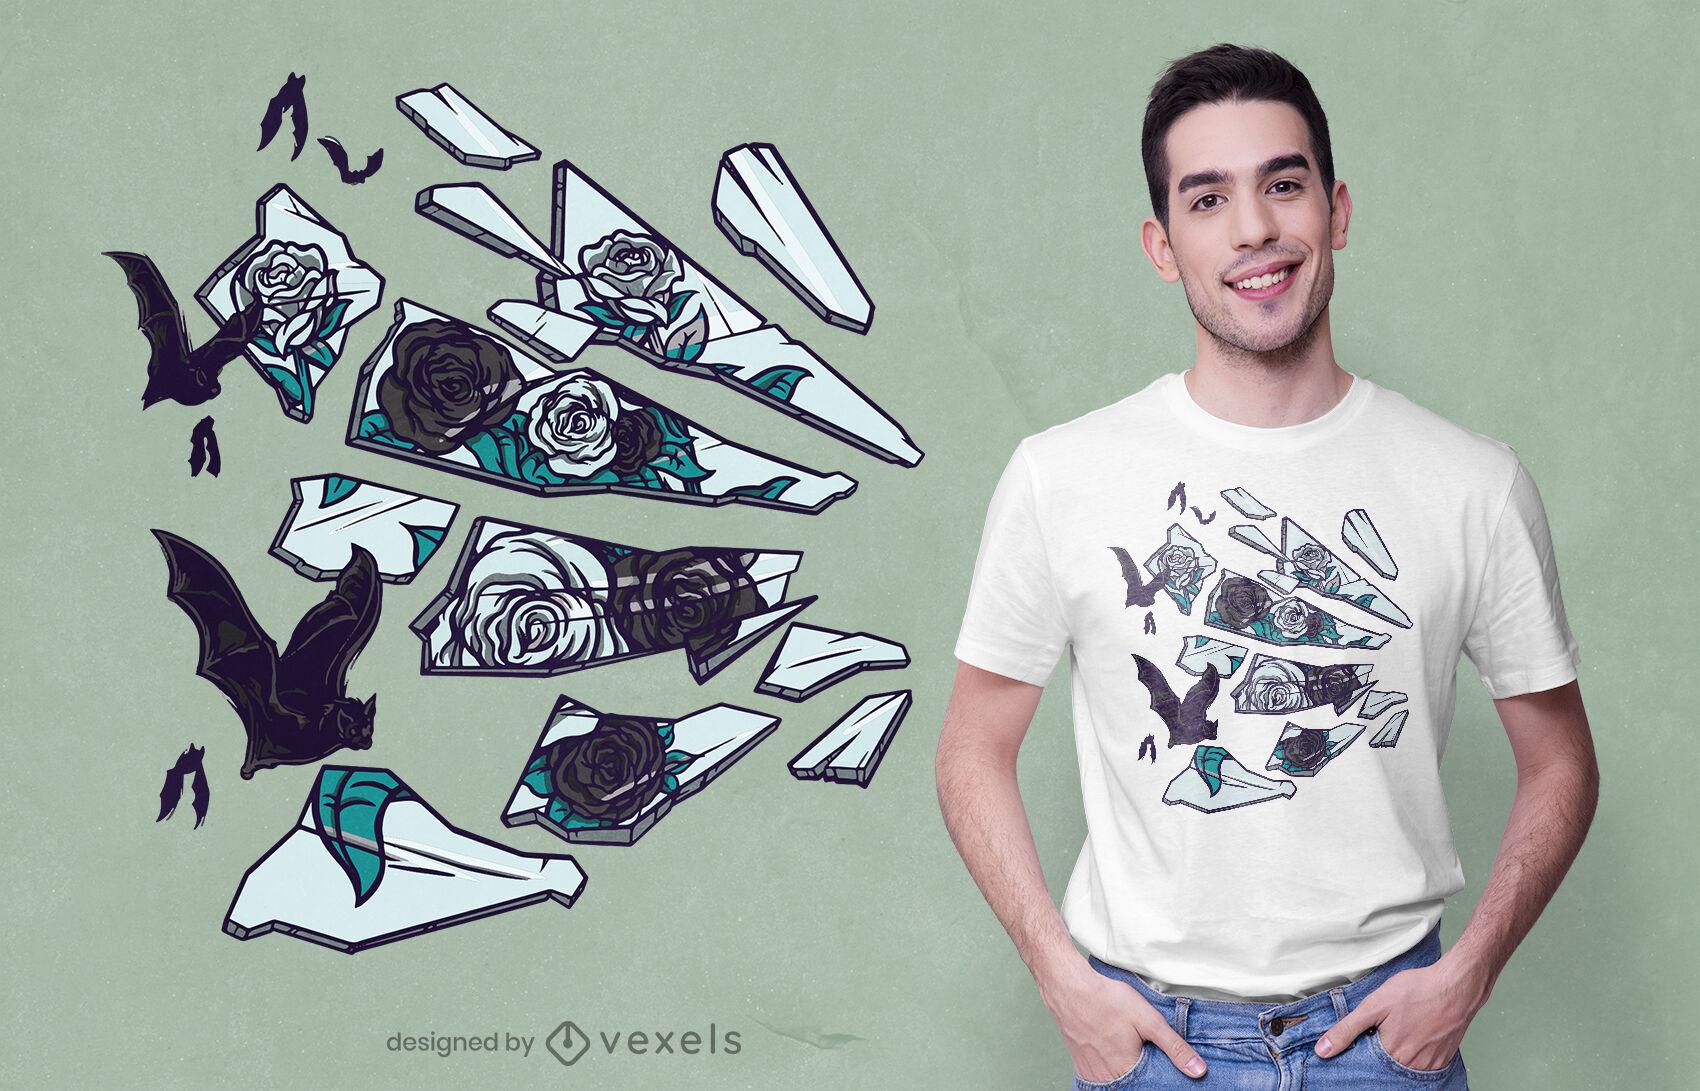 Diseño de camiseta de rosas y murciélagos de espejo roto.